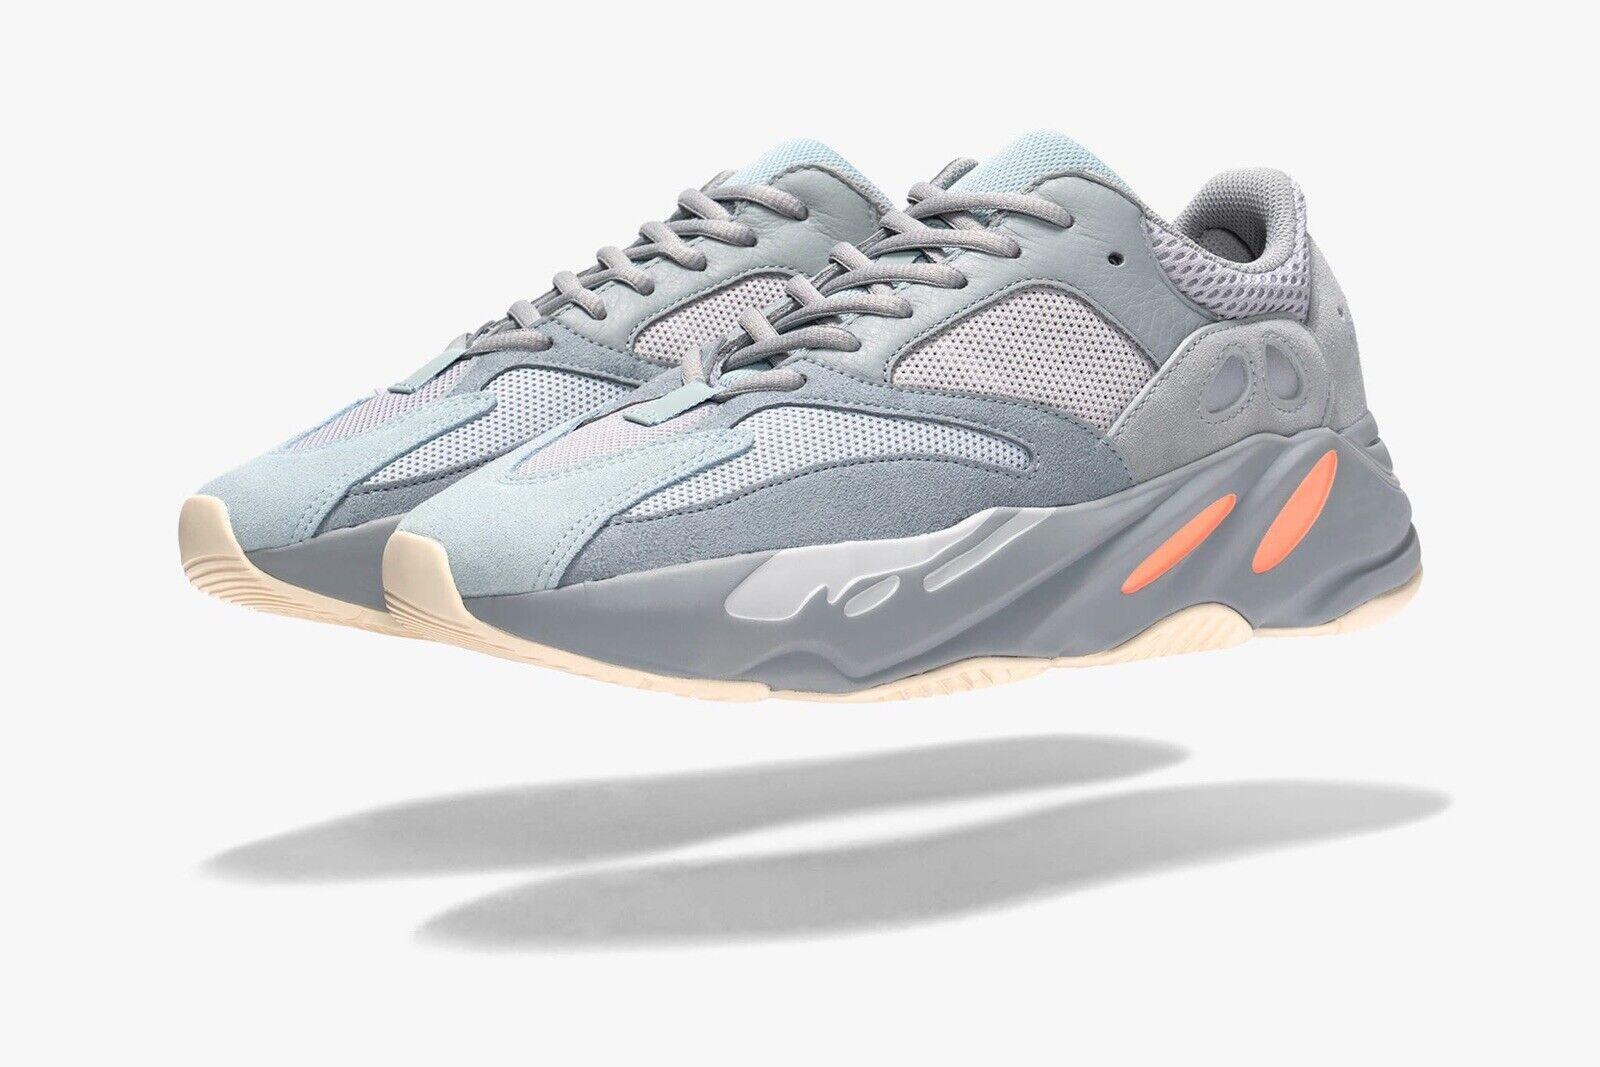 Adidas Yeezy Boost 700 Inertia Size 7 EG7597 og wave runner 350 v1 v2 static